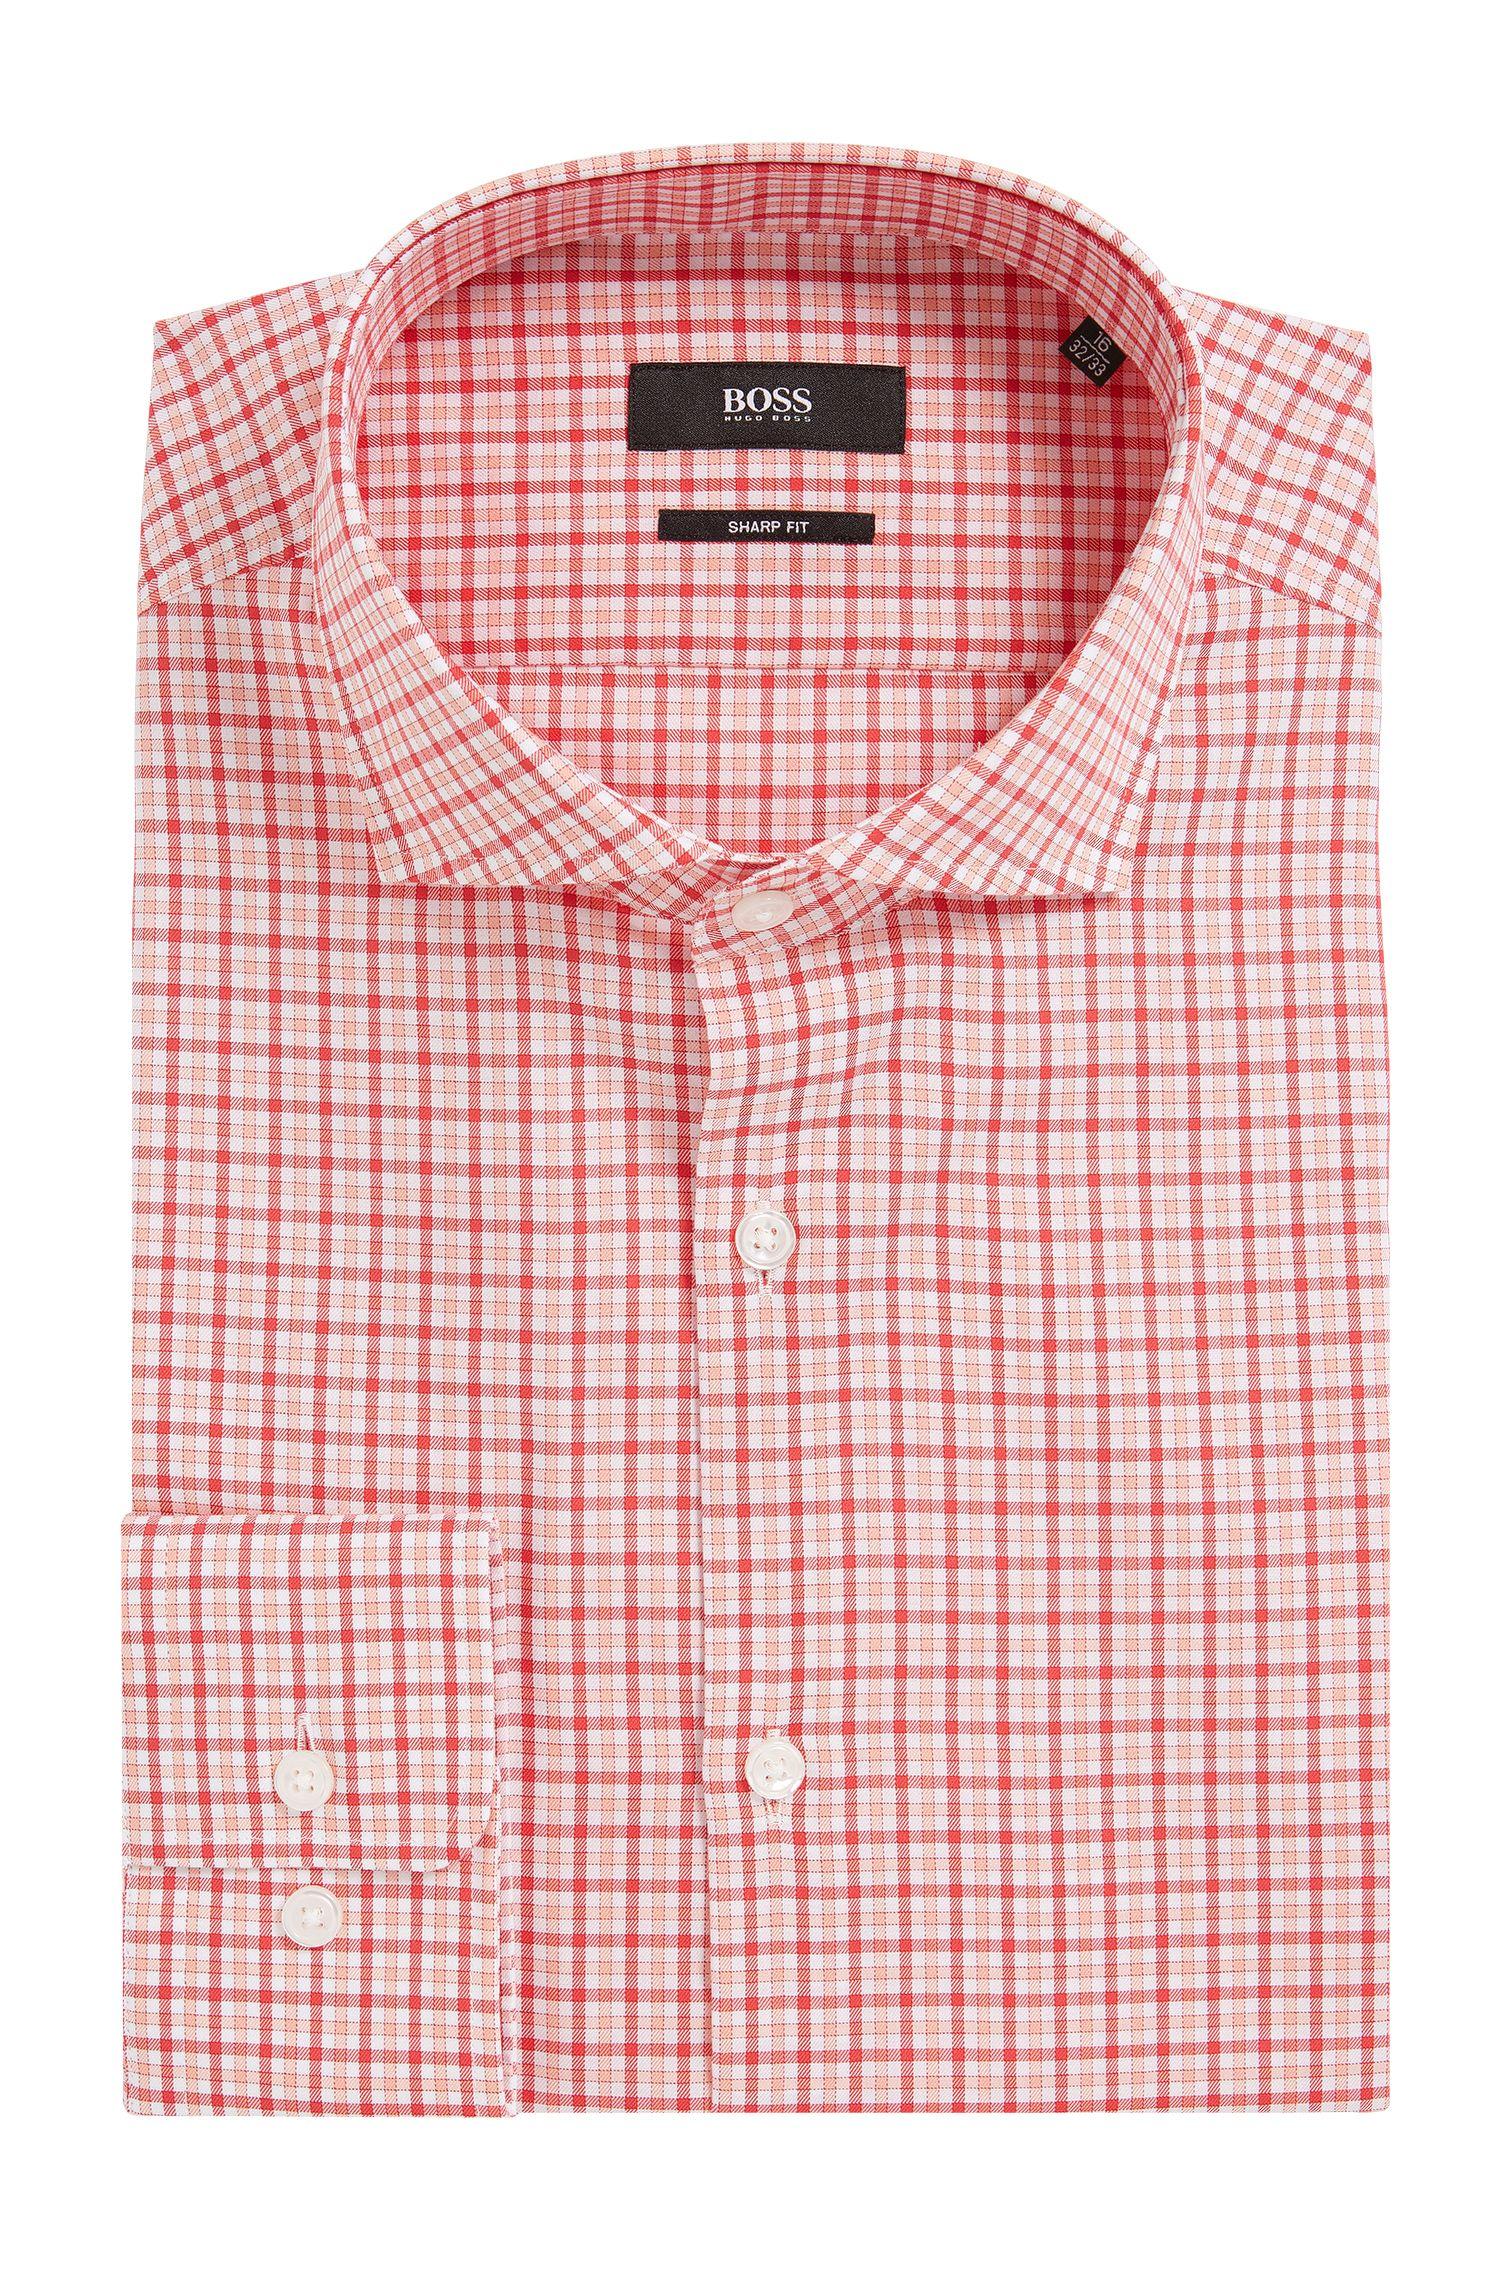 Cotton Dress Shirt, Sharp Fit | Mark US